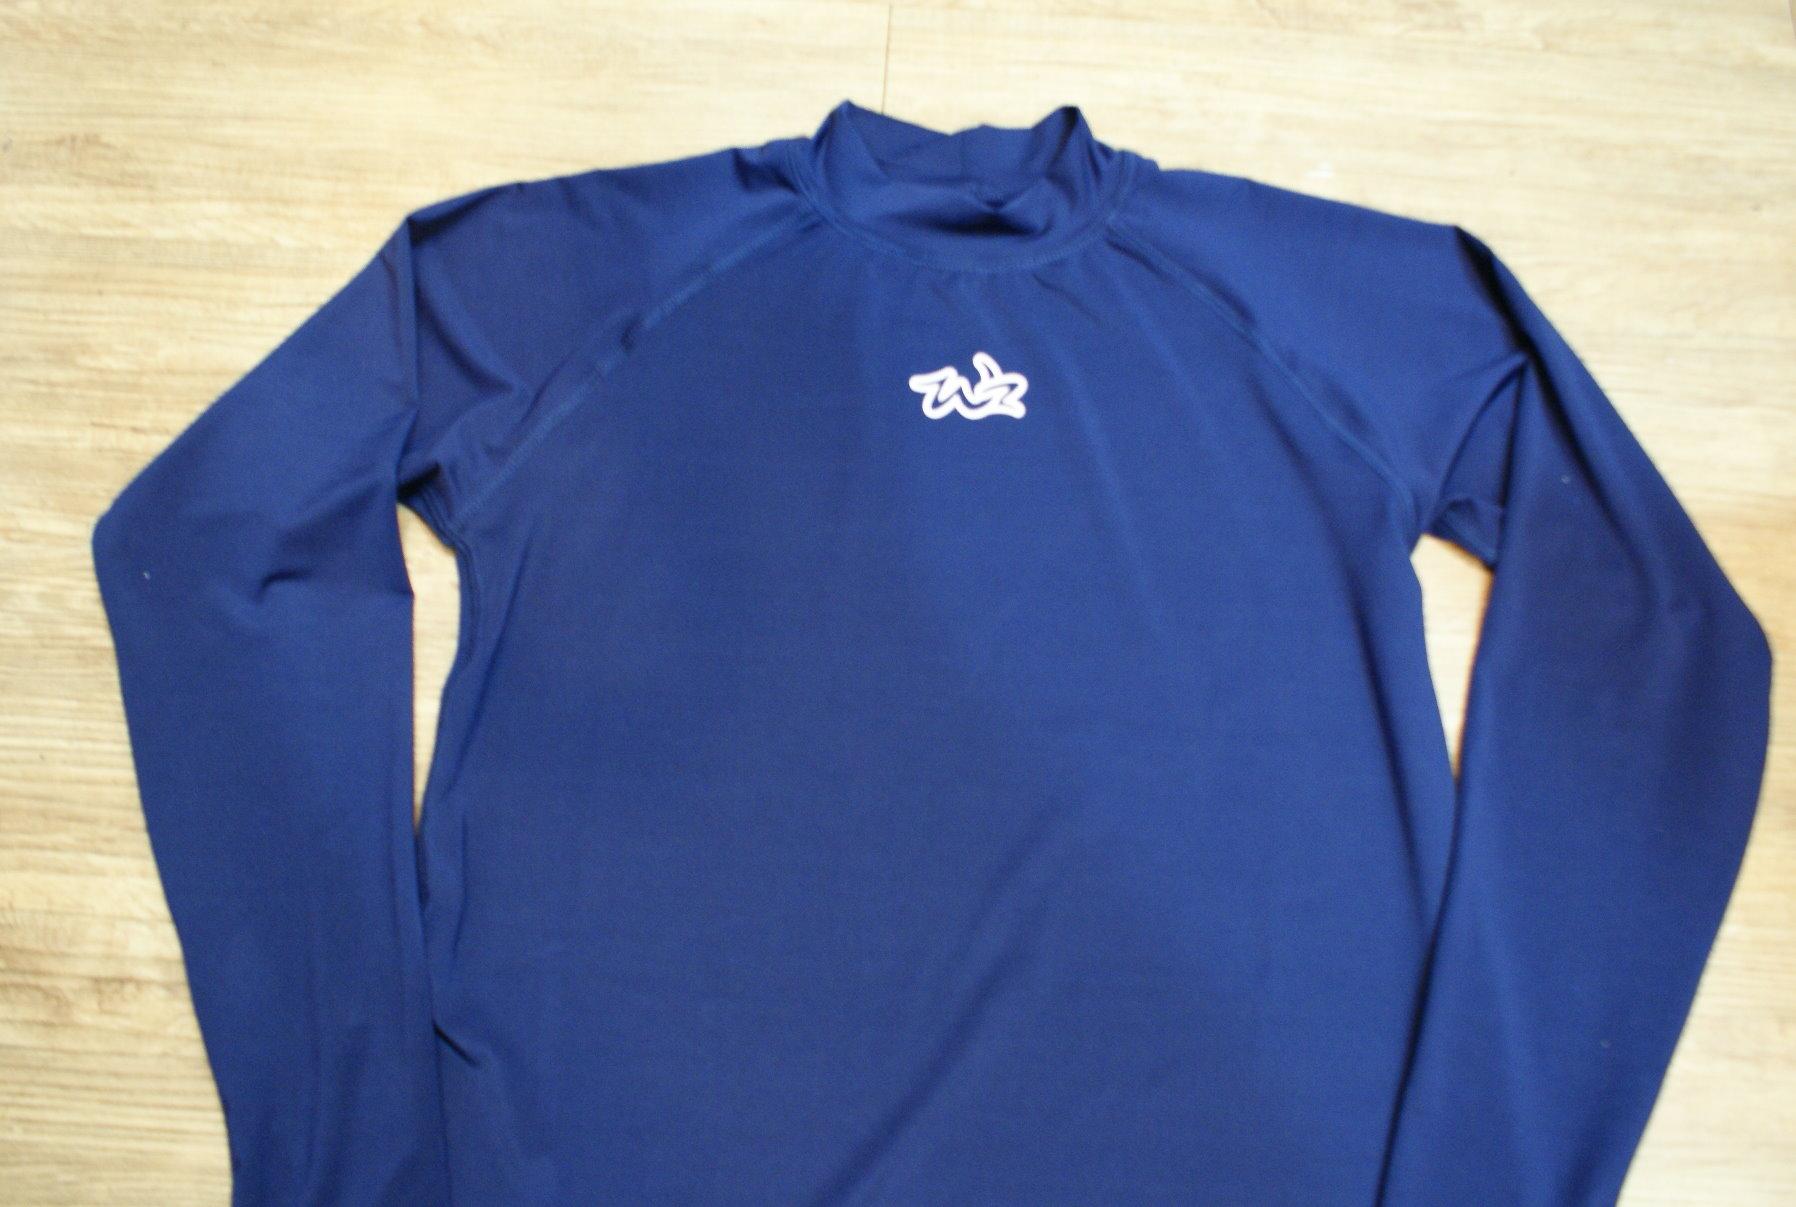 棒球世界 全新WZ藍色系快速排汗長袖運動緊身衣 特價 深藍色